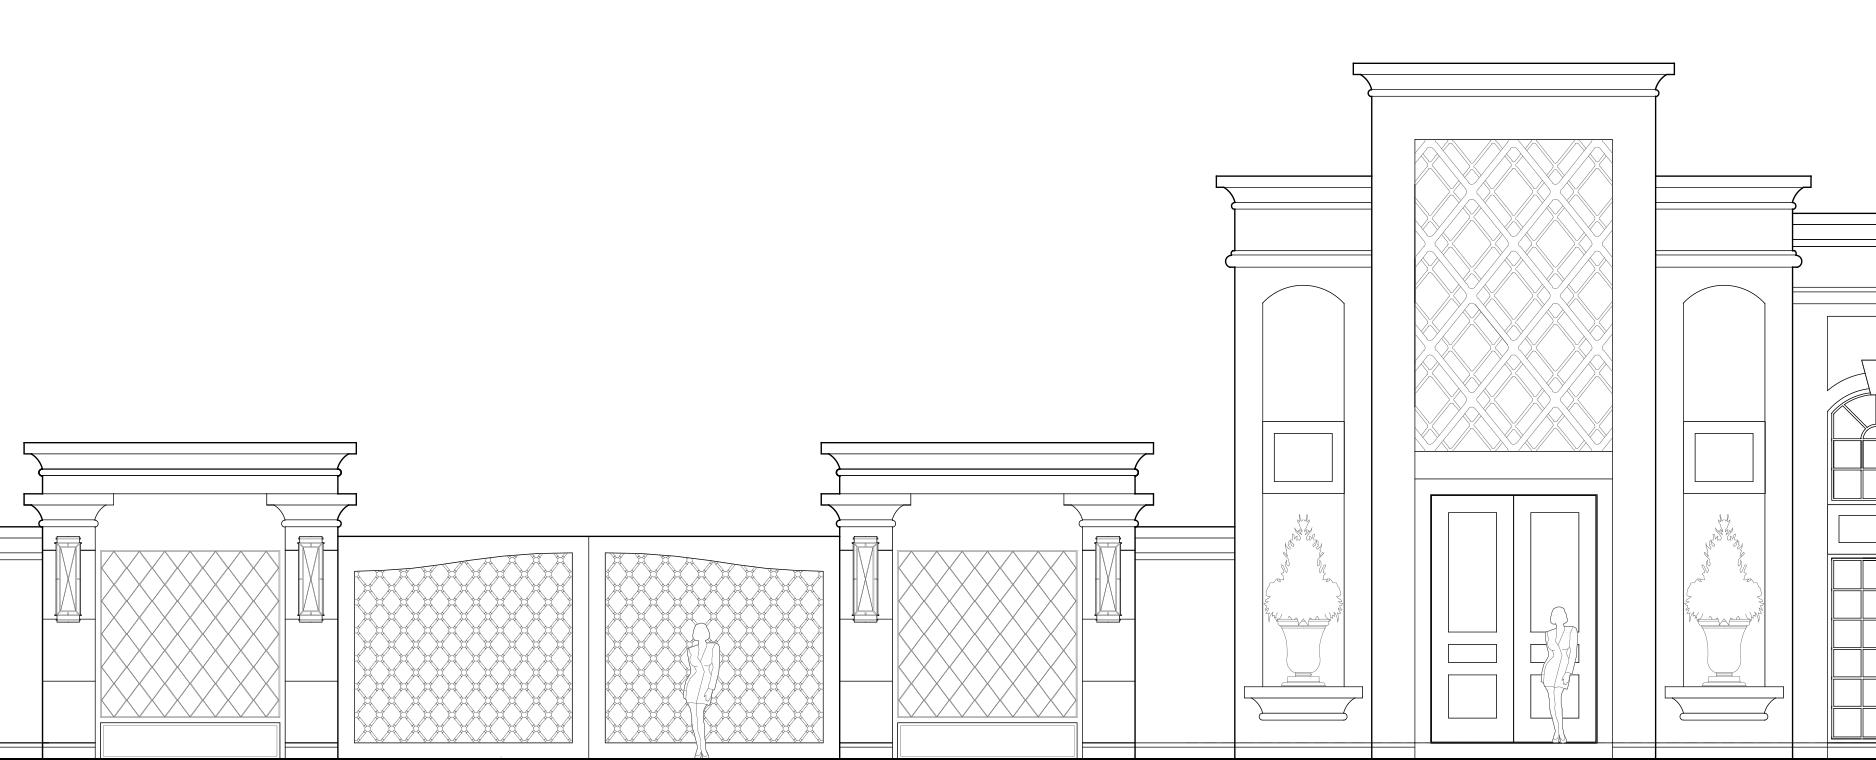 vn-sketch-1